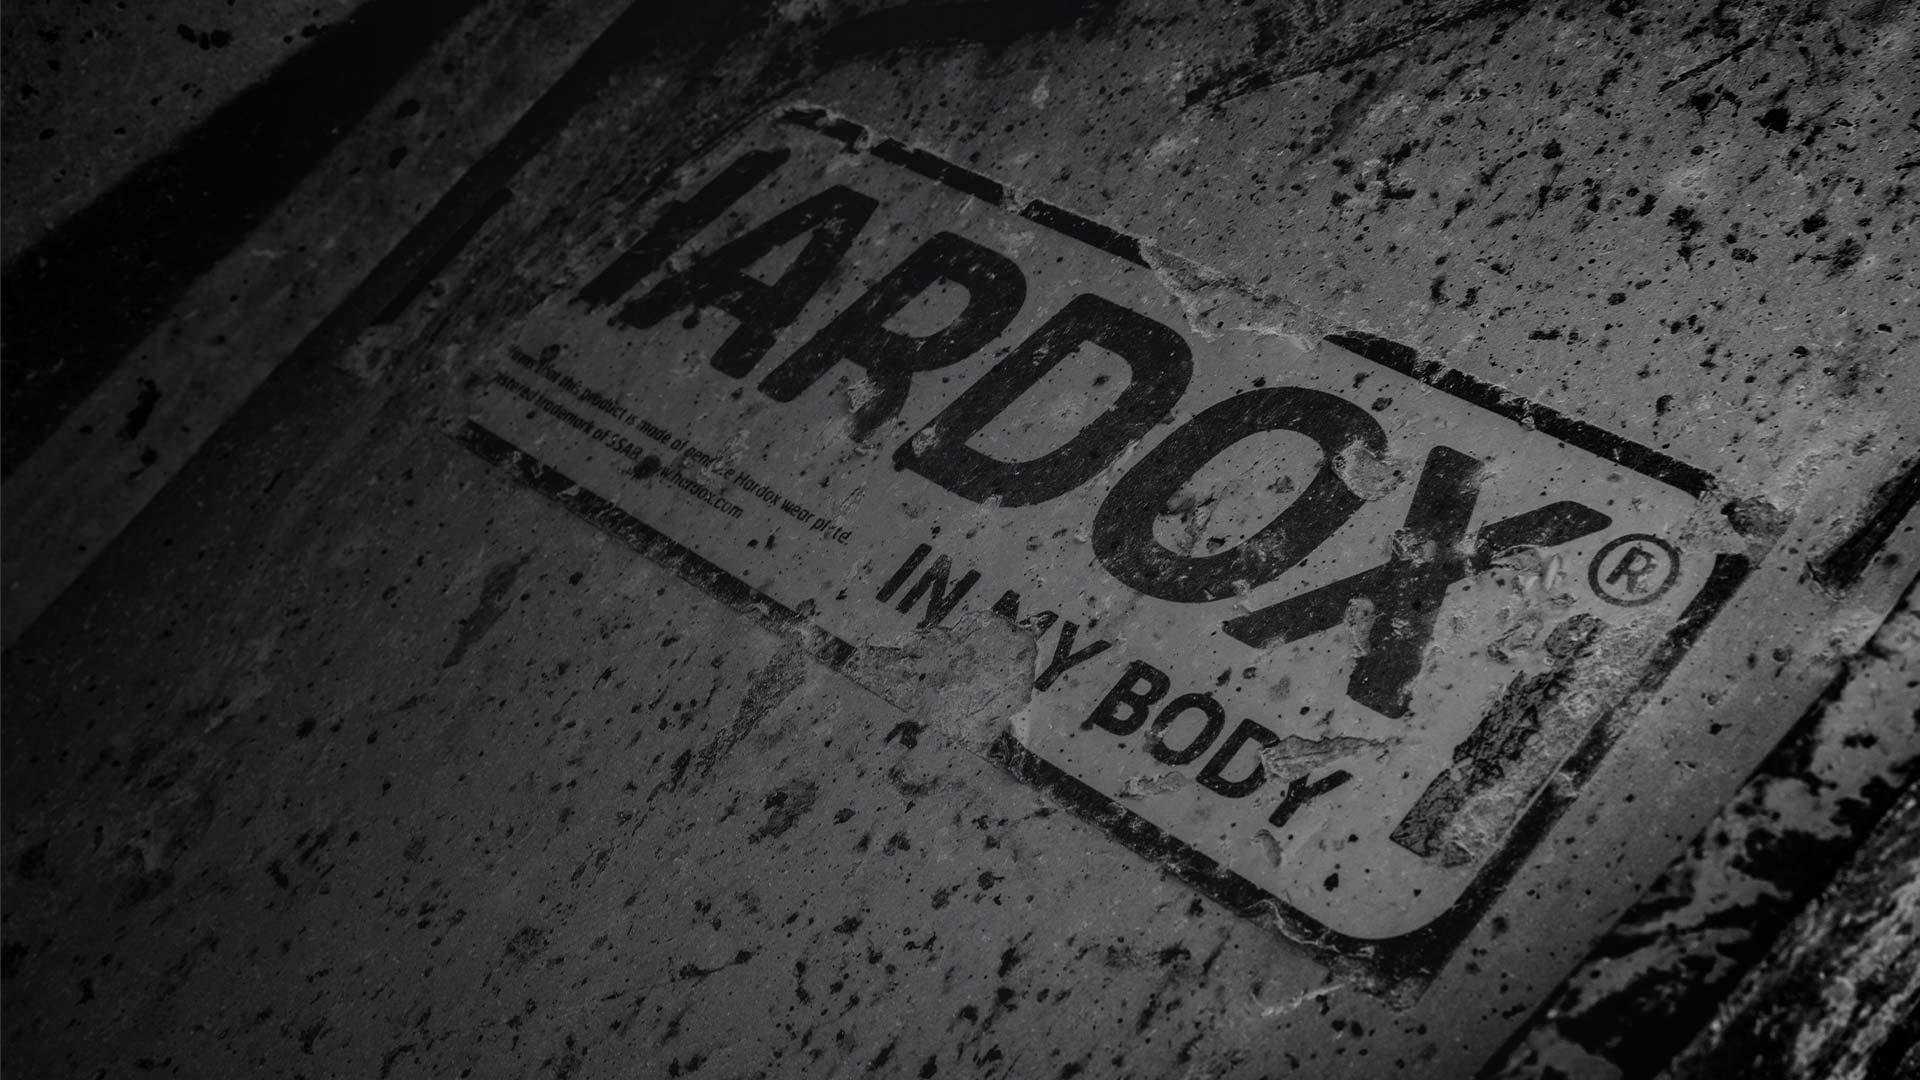 Hardox in My Body 마크